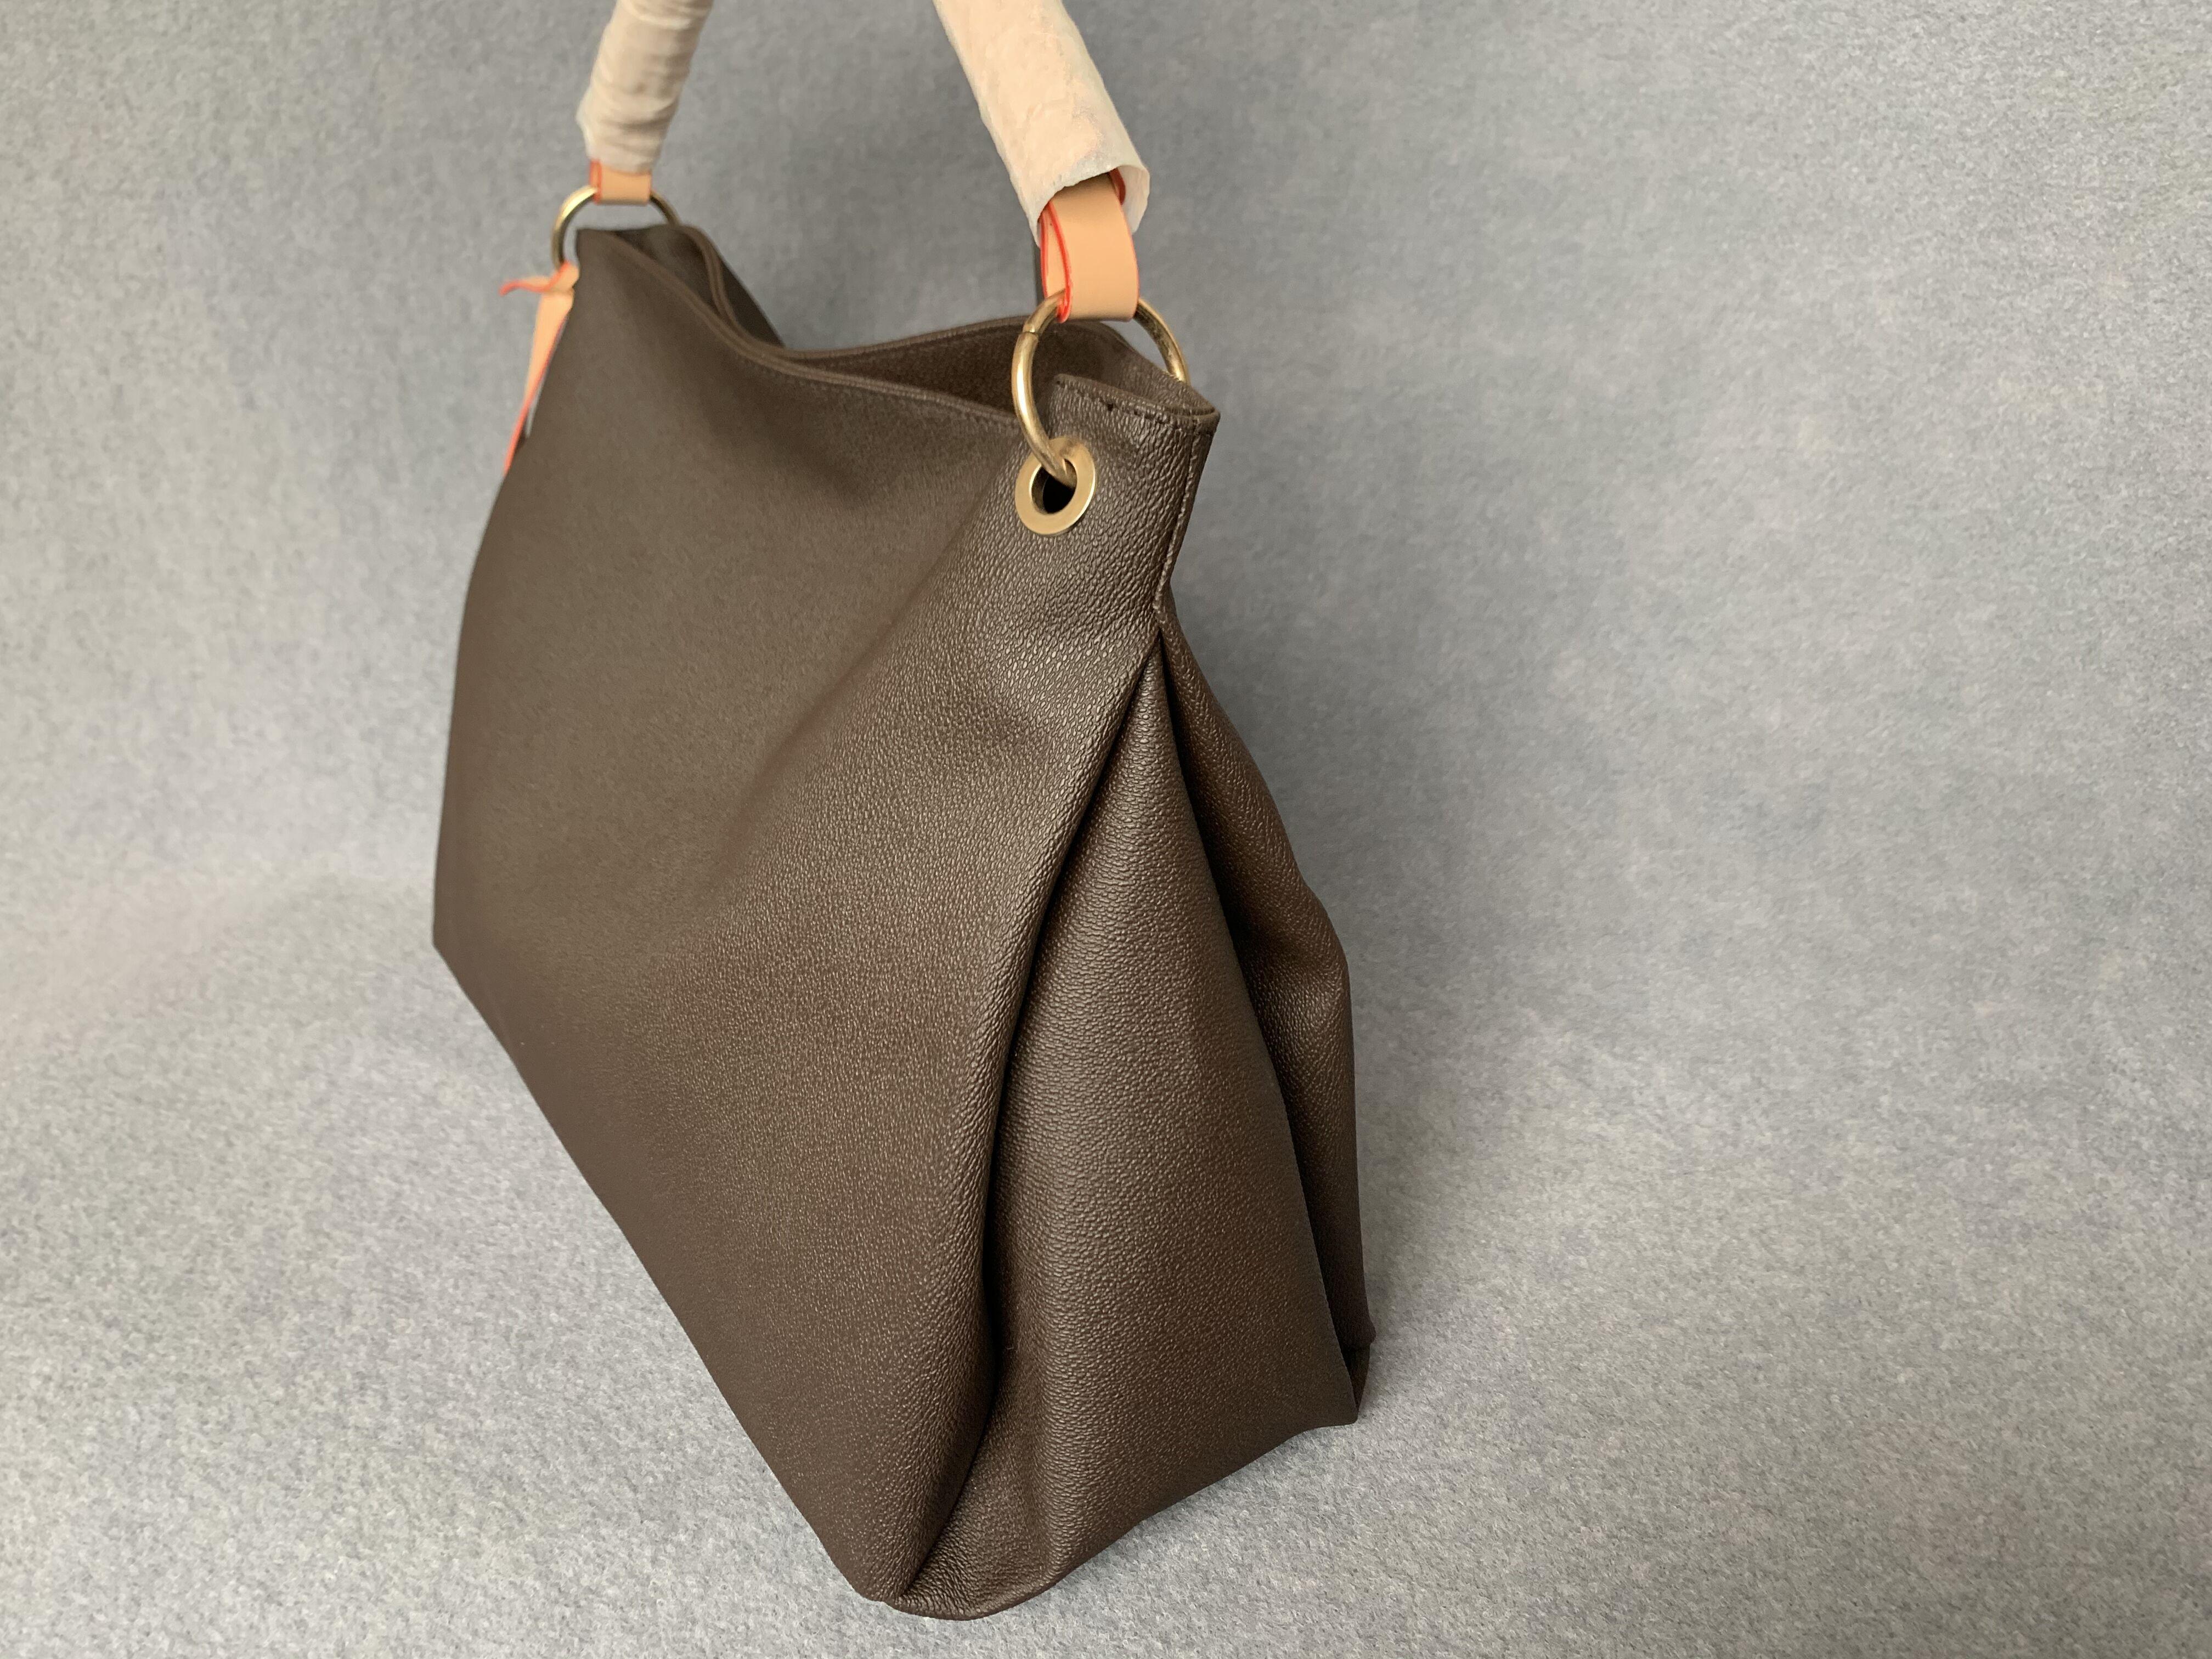 Artsy Designers Moda Borse BAG BAG BAG PELLE Delle Donne Delle Donne Qualità Fiore di Qualità Alto Lusso sulla catena Famosa Signore Borse a tracolla Borsa da crossbody Borsa negozio Emxh